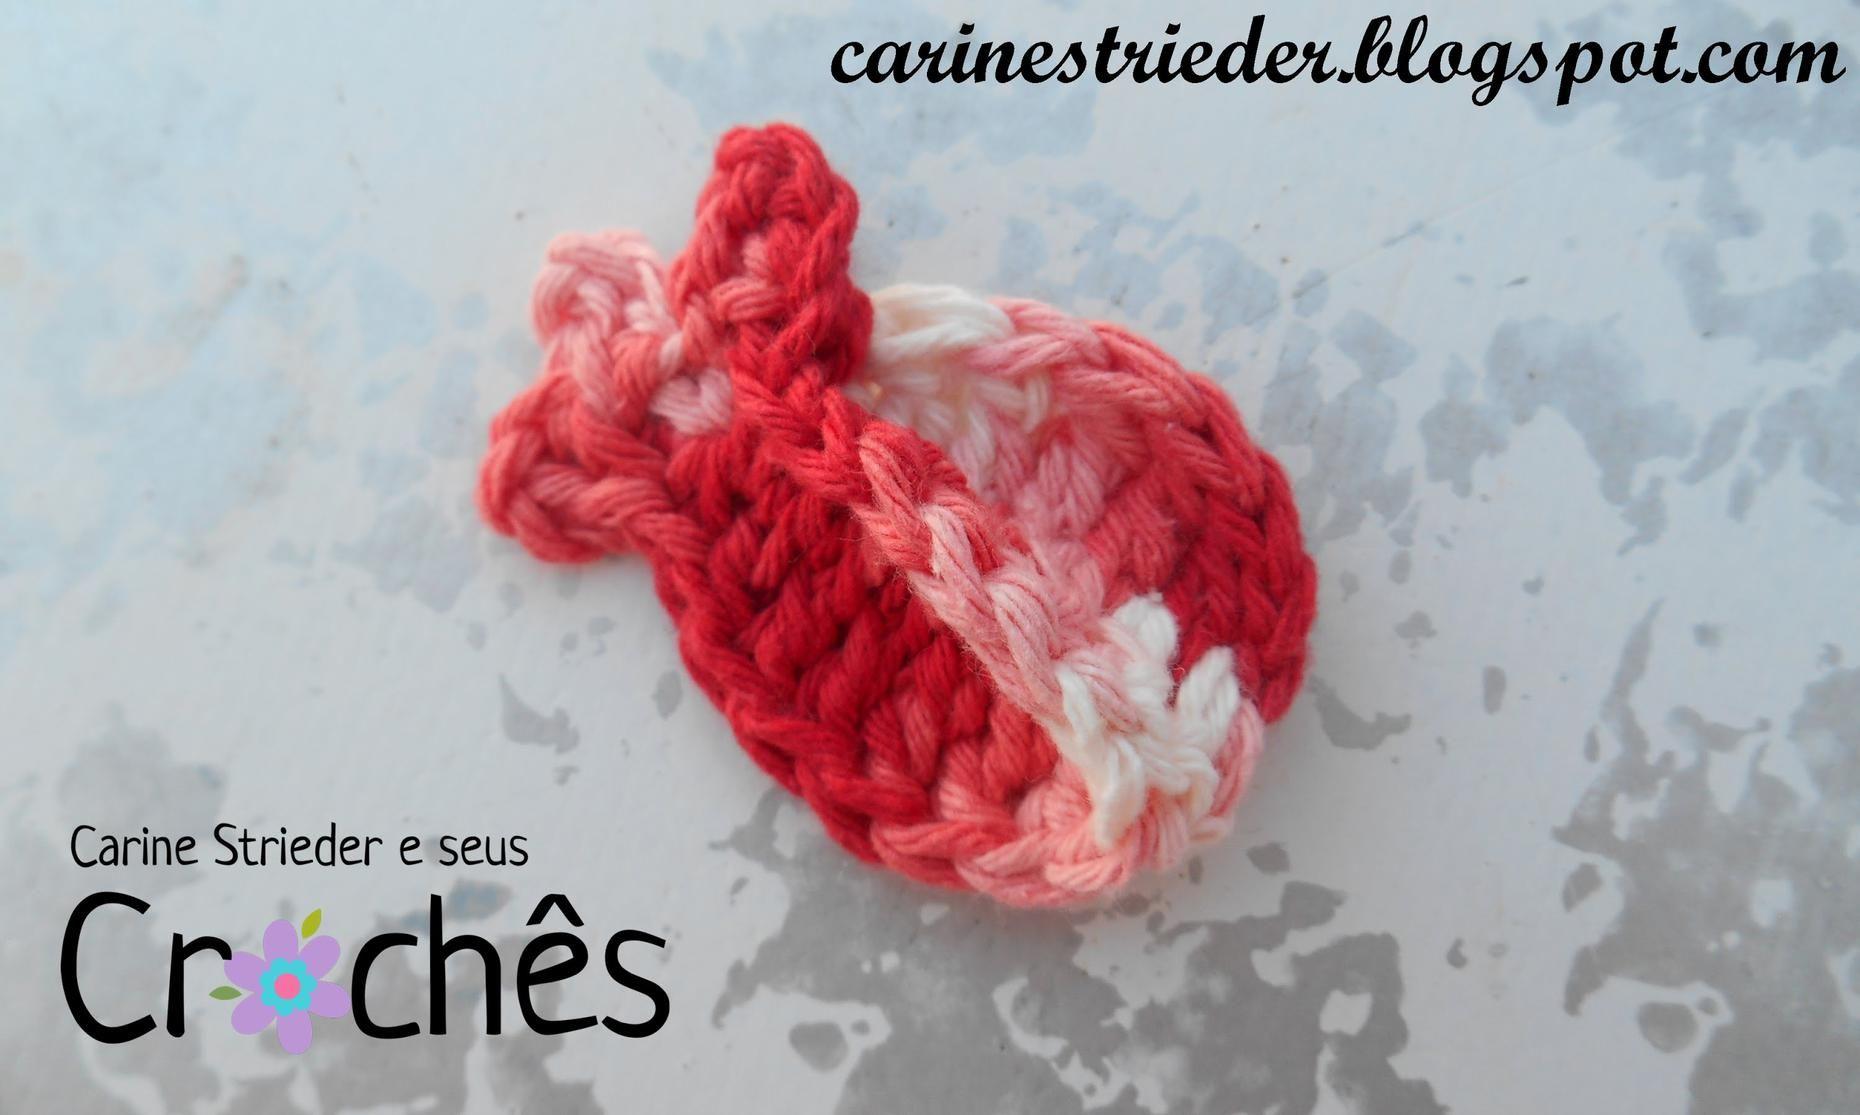 Veja nesse vídeo a artesã Carine Maria Strieder ensinando passo a passo como fazer um charmosíssimo Botão de Rosa em crochê.